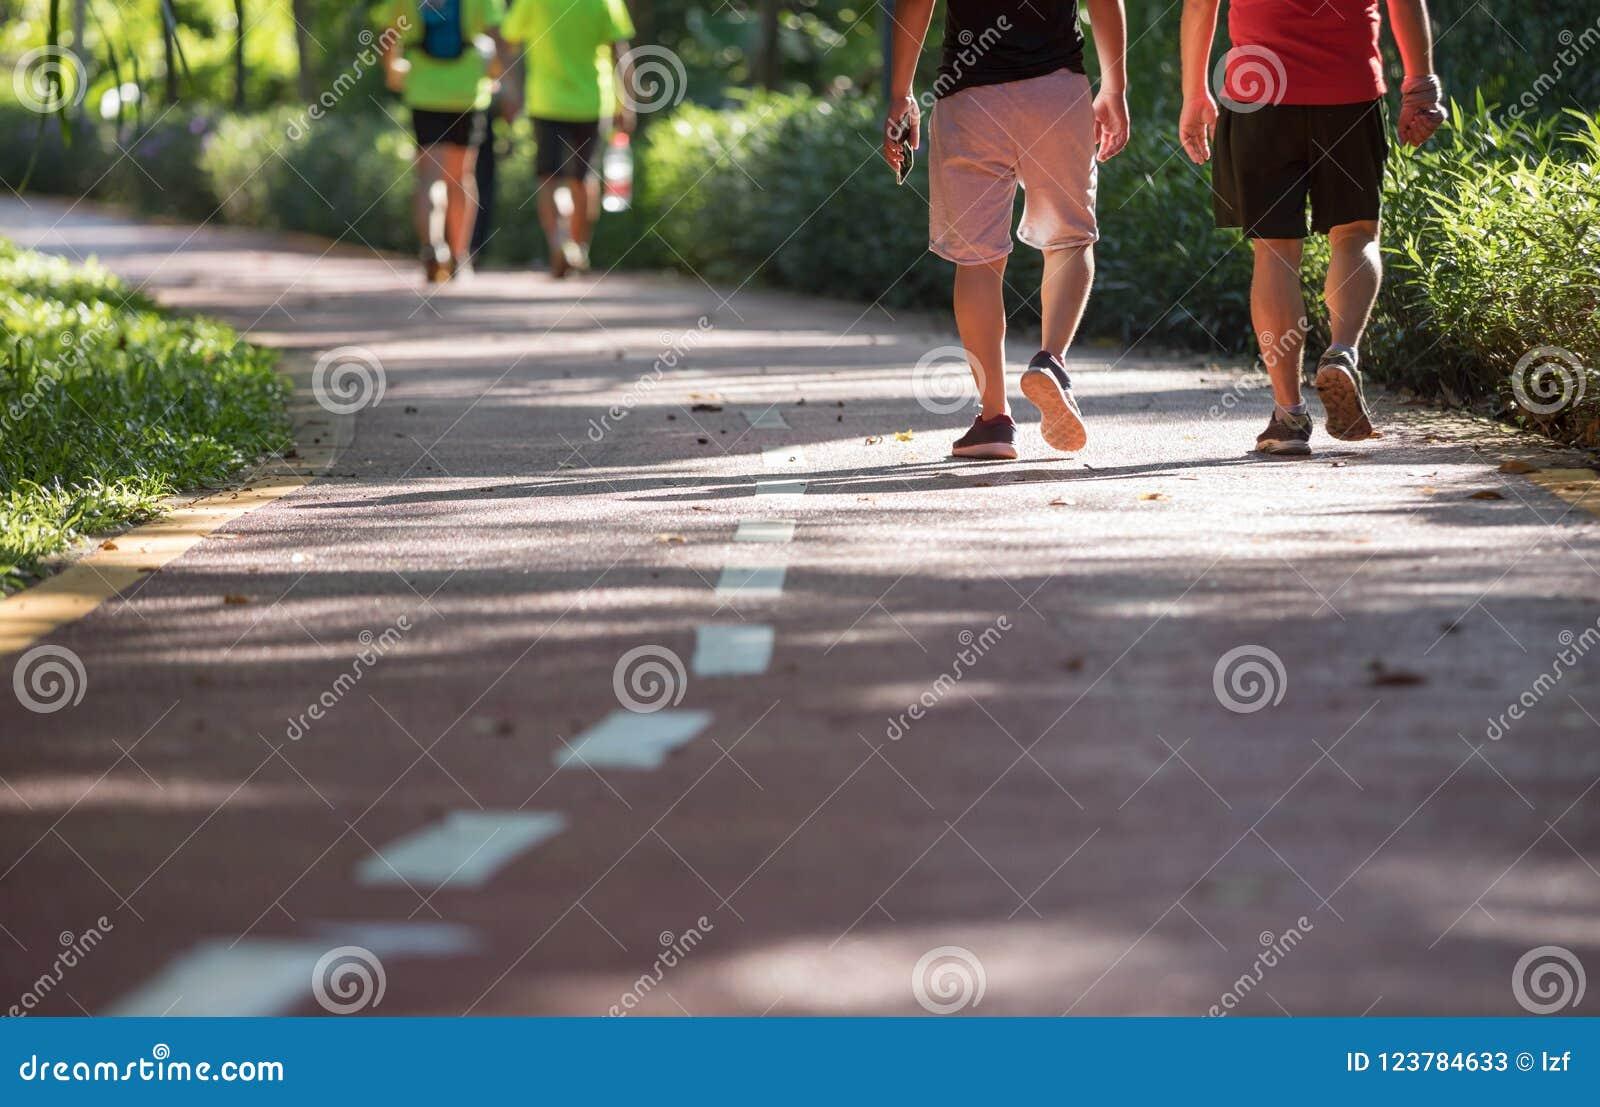 Os povos envelhecidos meados de que andam no parque ensolarado arrastam